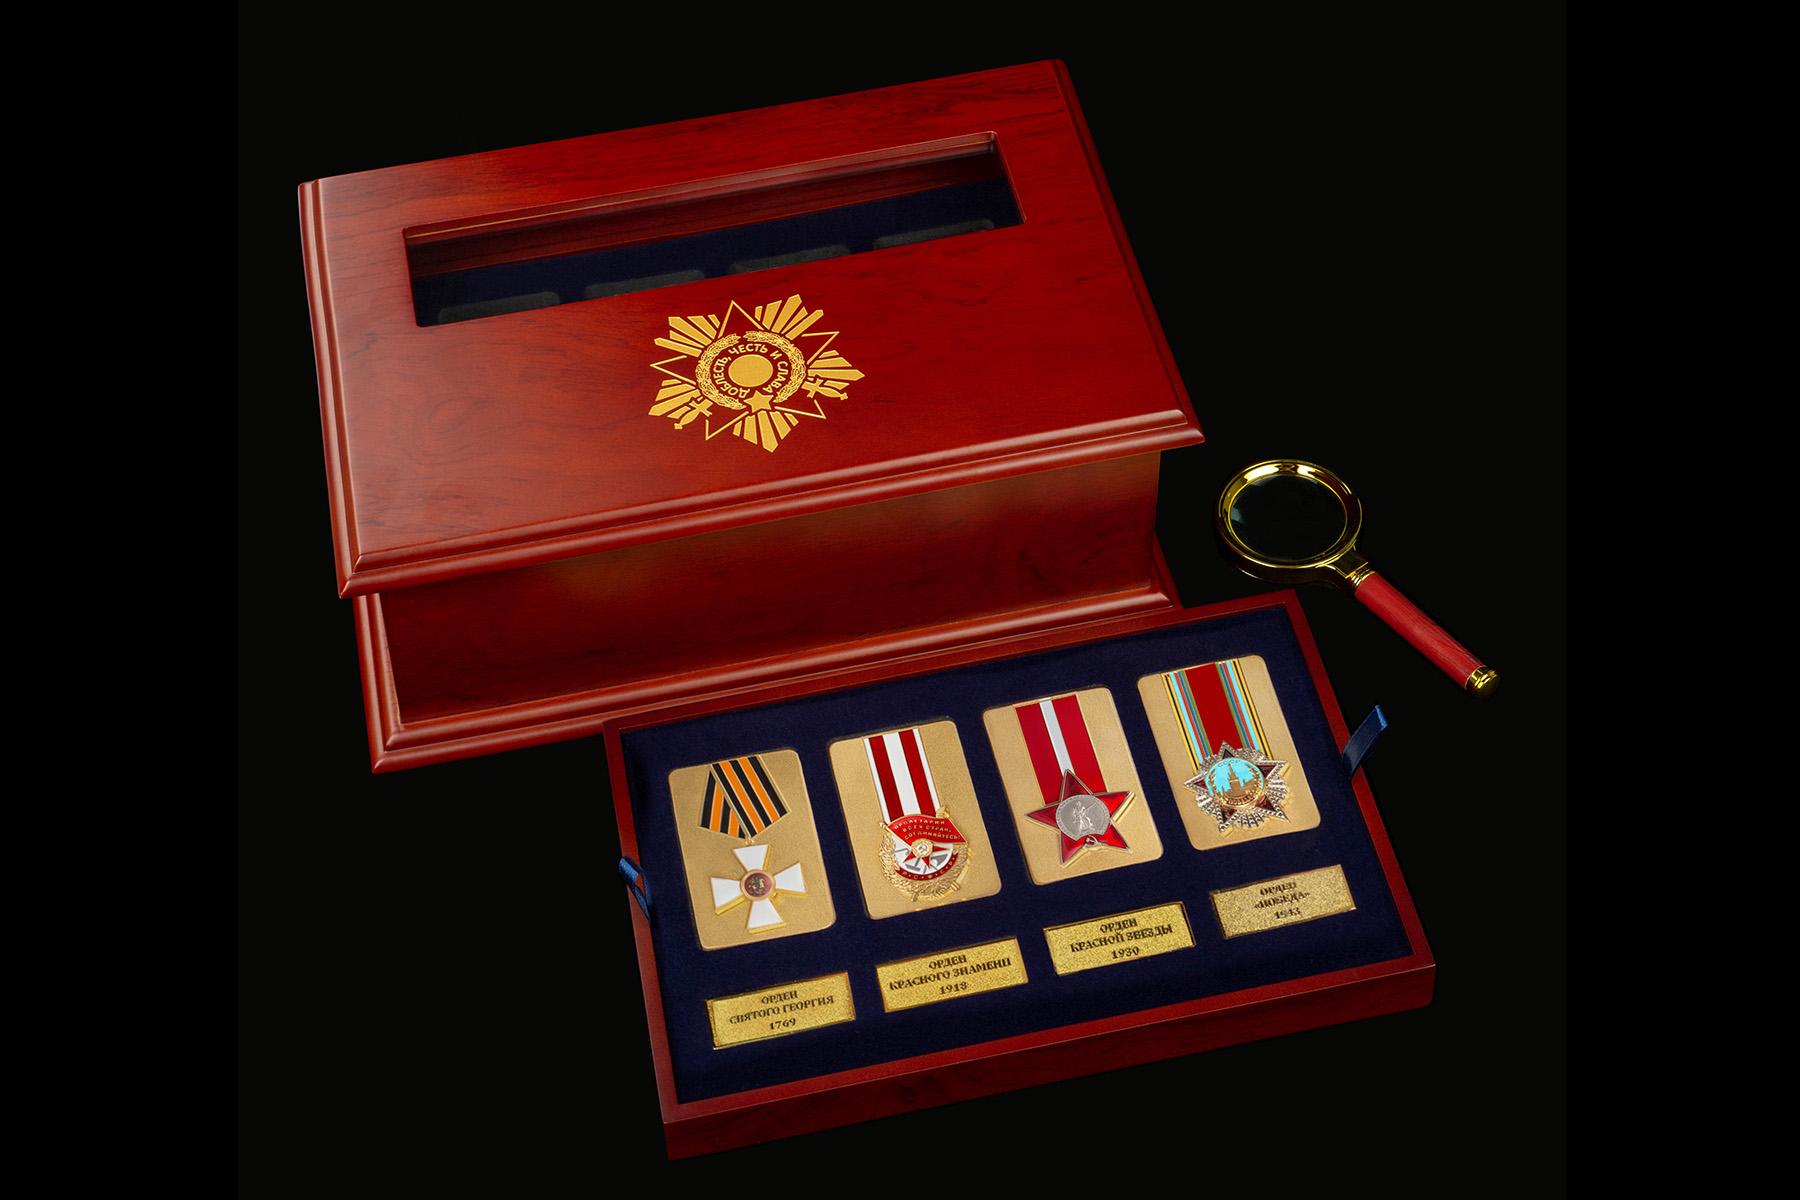 Идеи подарков к 23 февраля от Императорского монетного двора